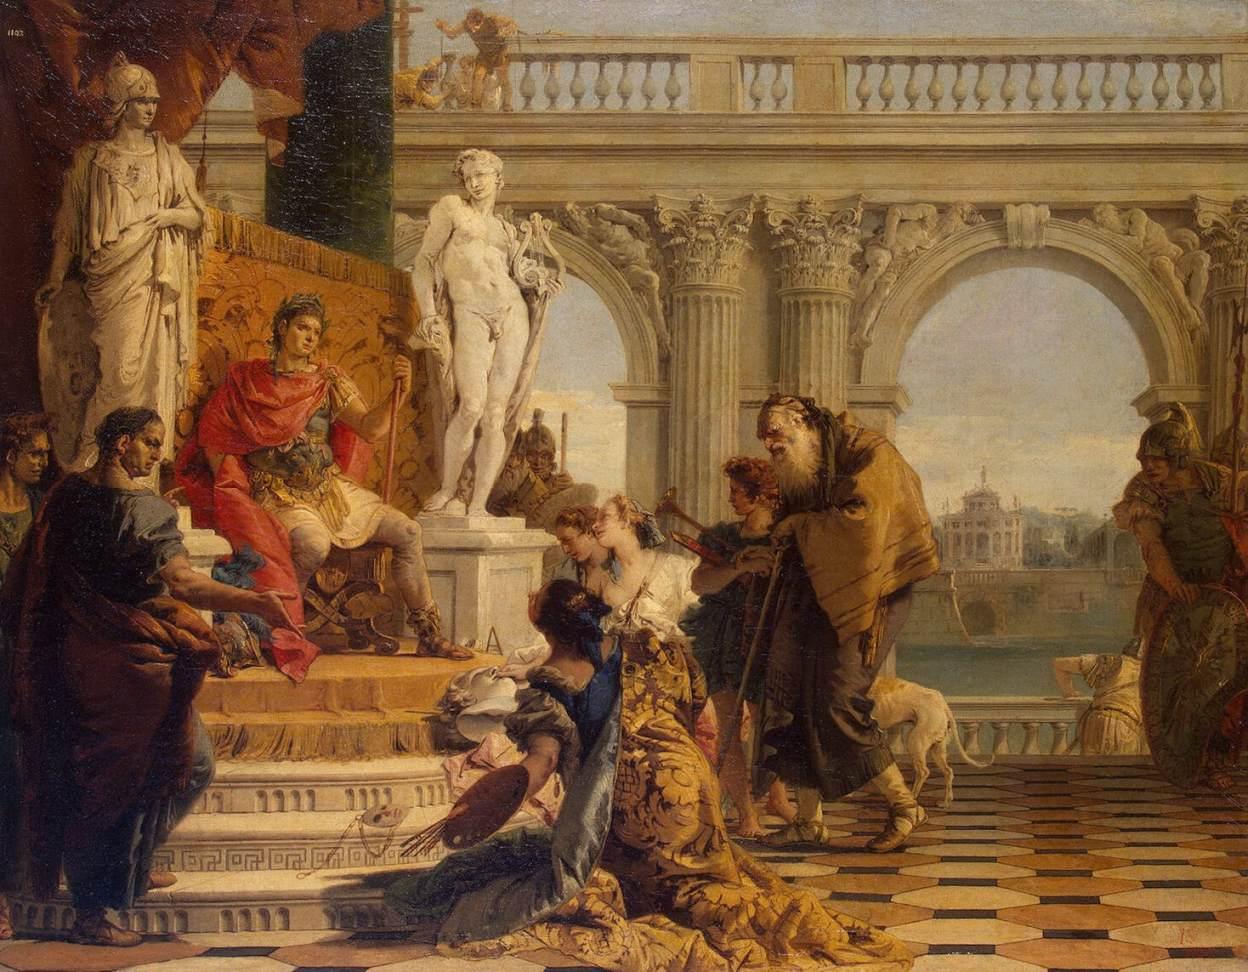 Меценат представляет императору Августу свободные искусства.